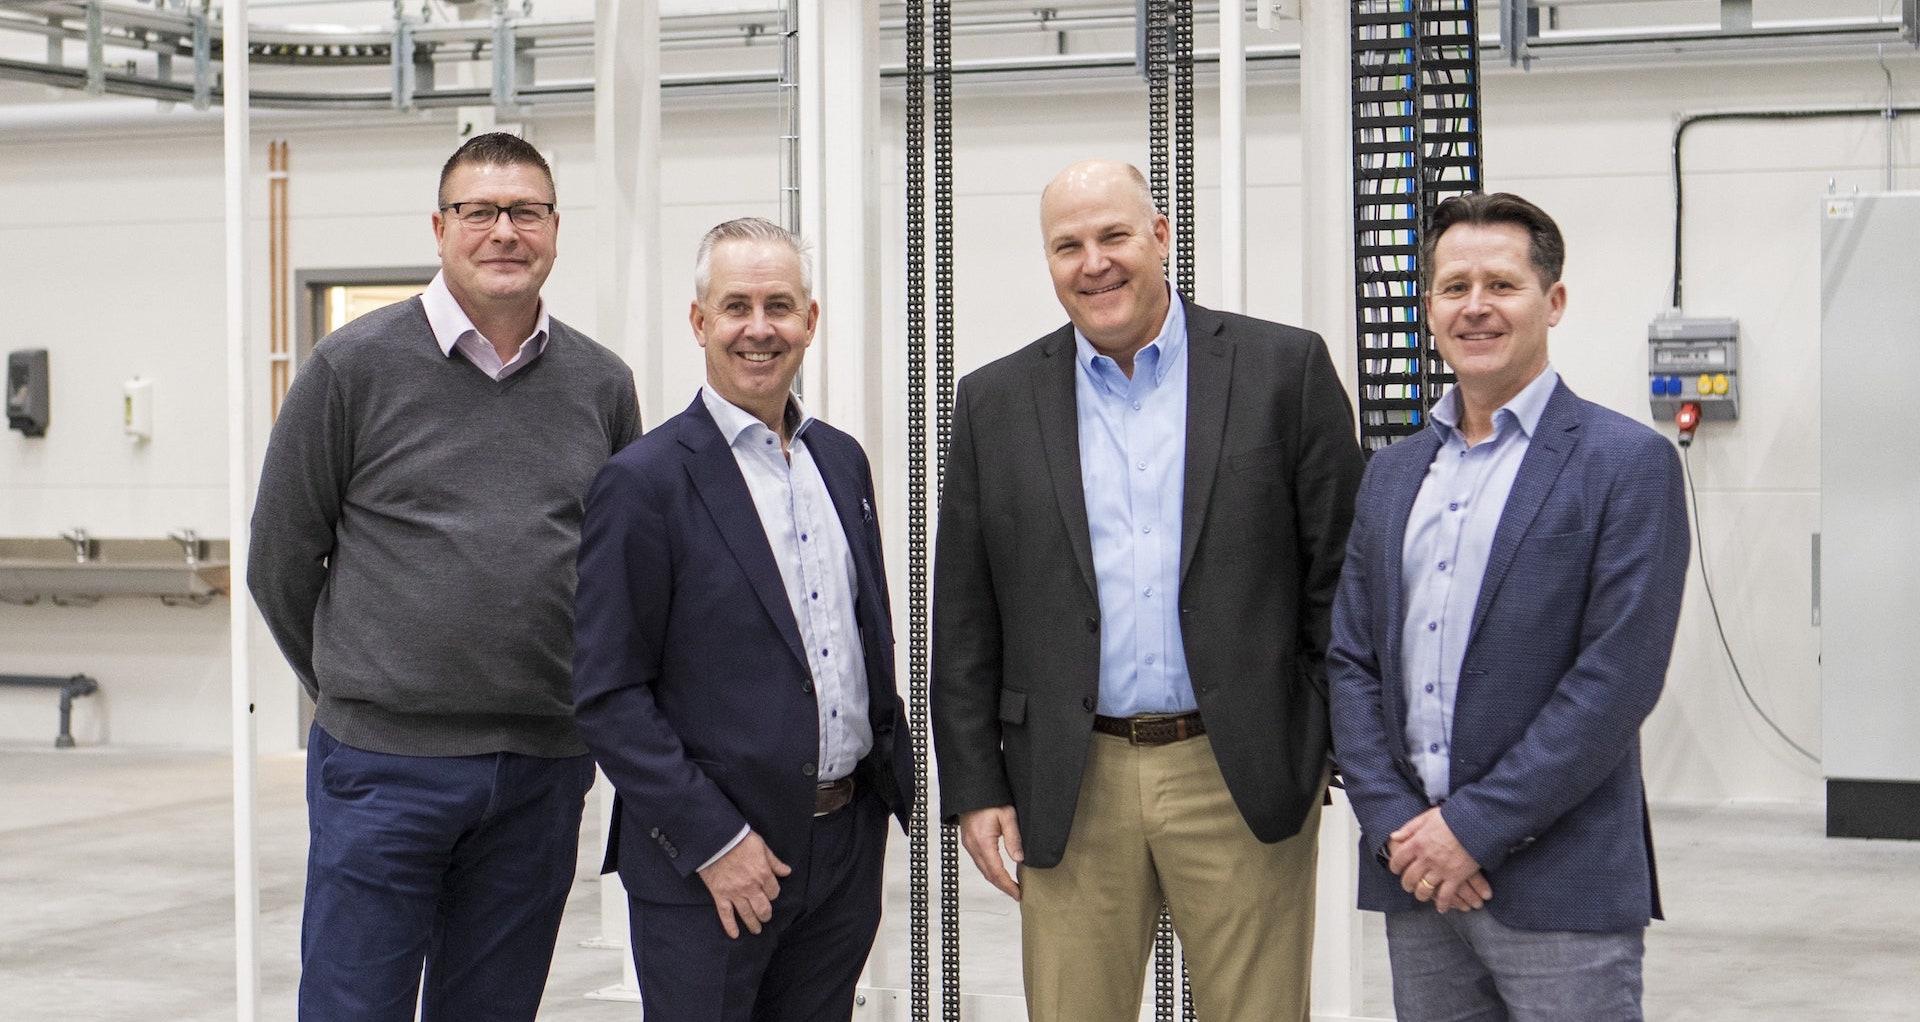 Group Photo from left: Steve Groocock, Kenth Almqvist, –, Christer Lundgren